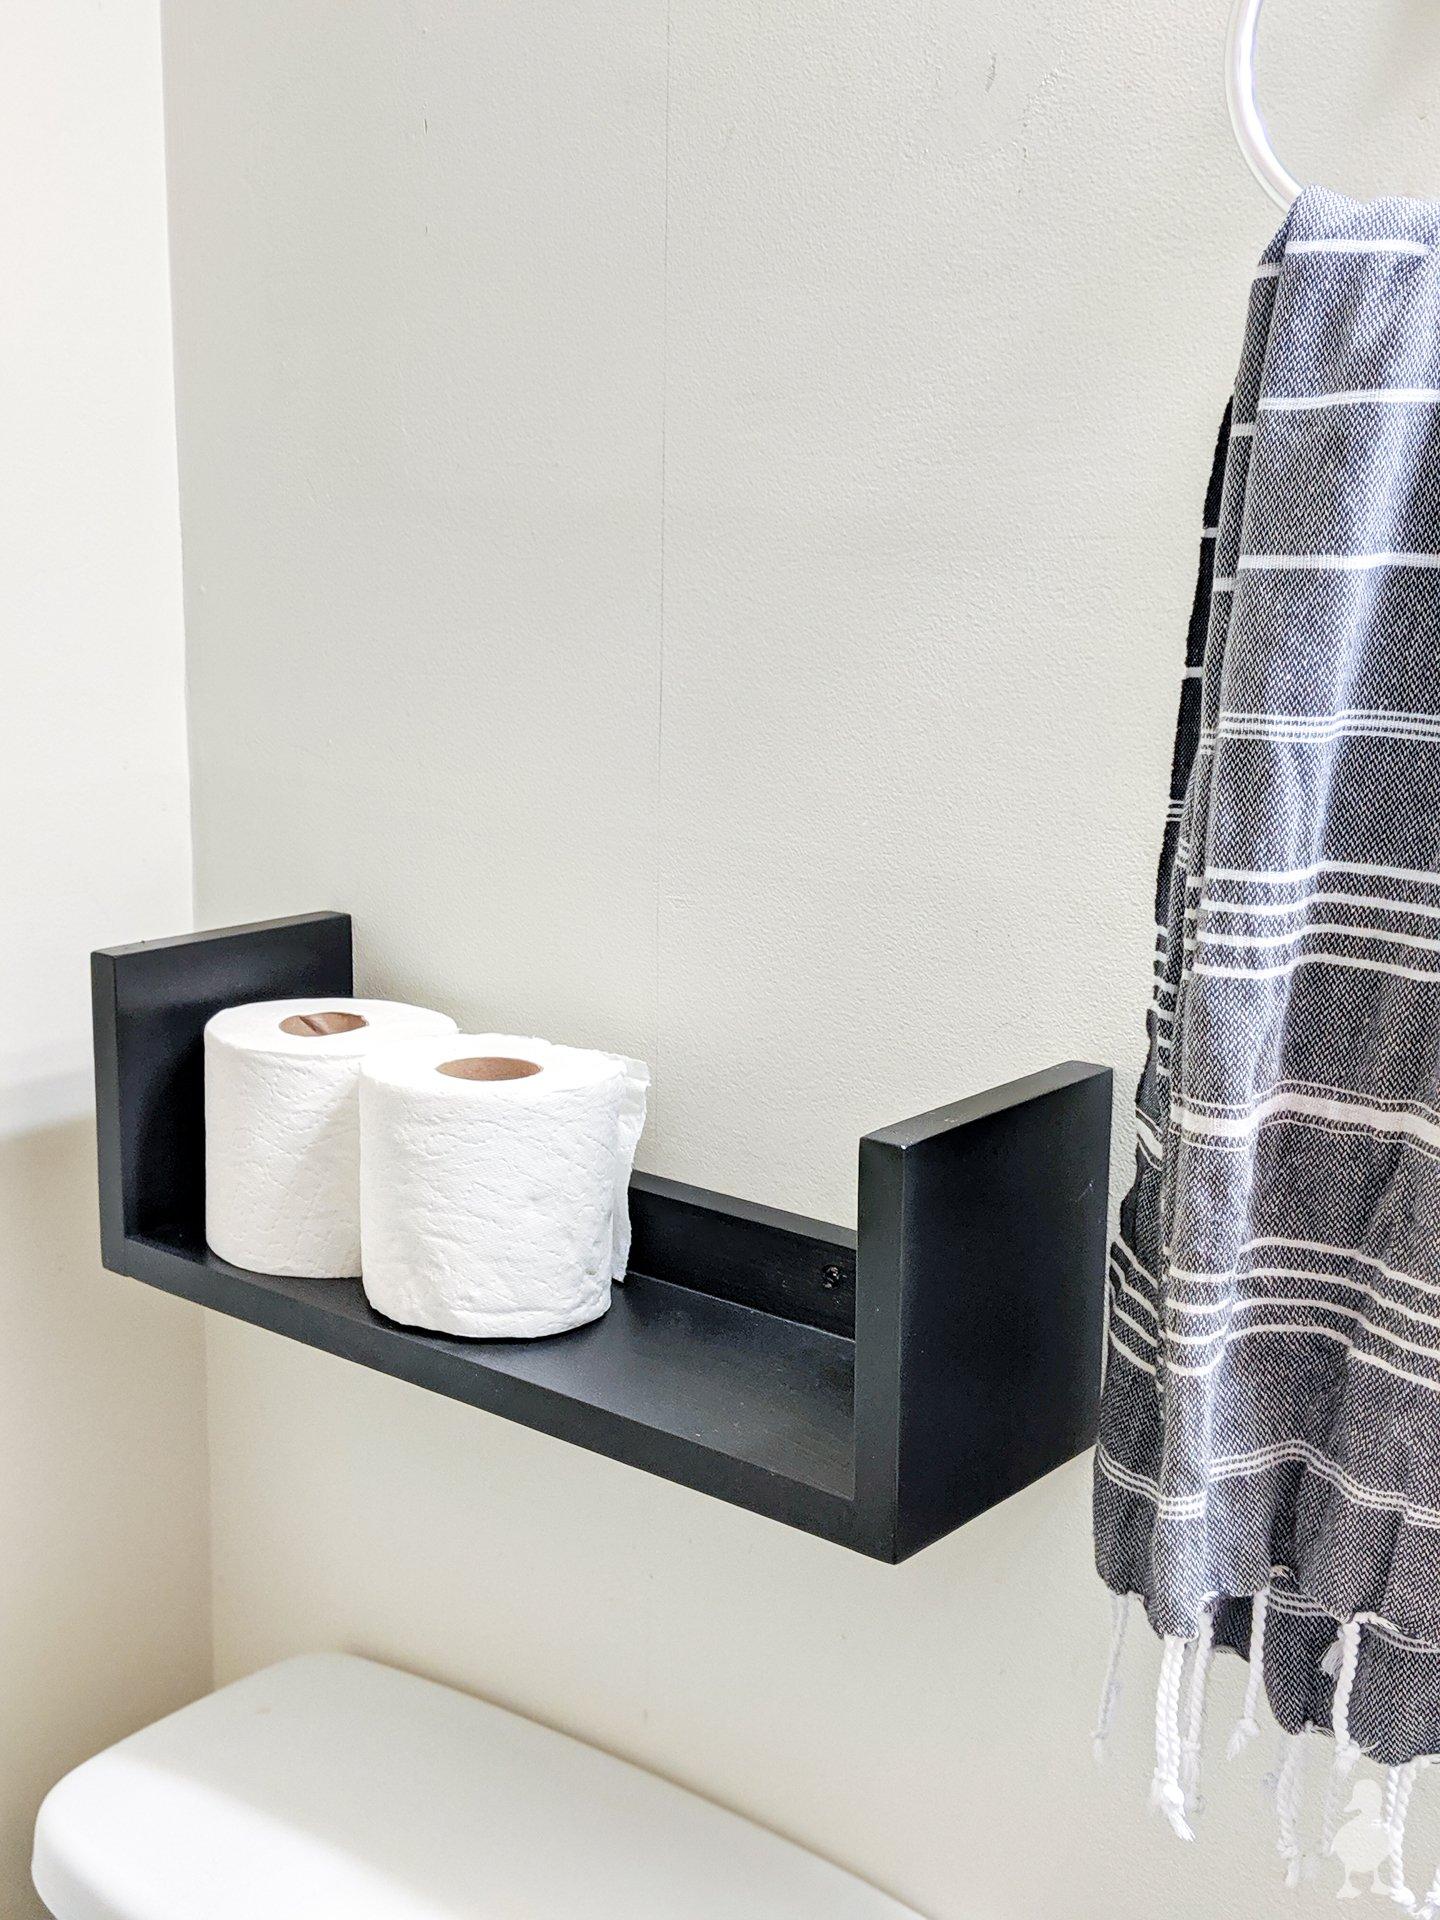 hang bottom shelf first